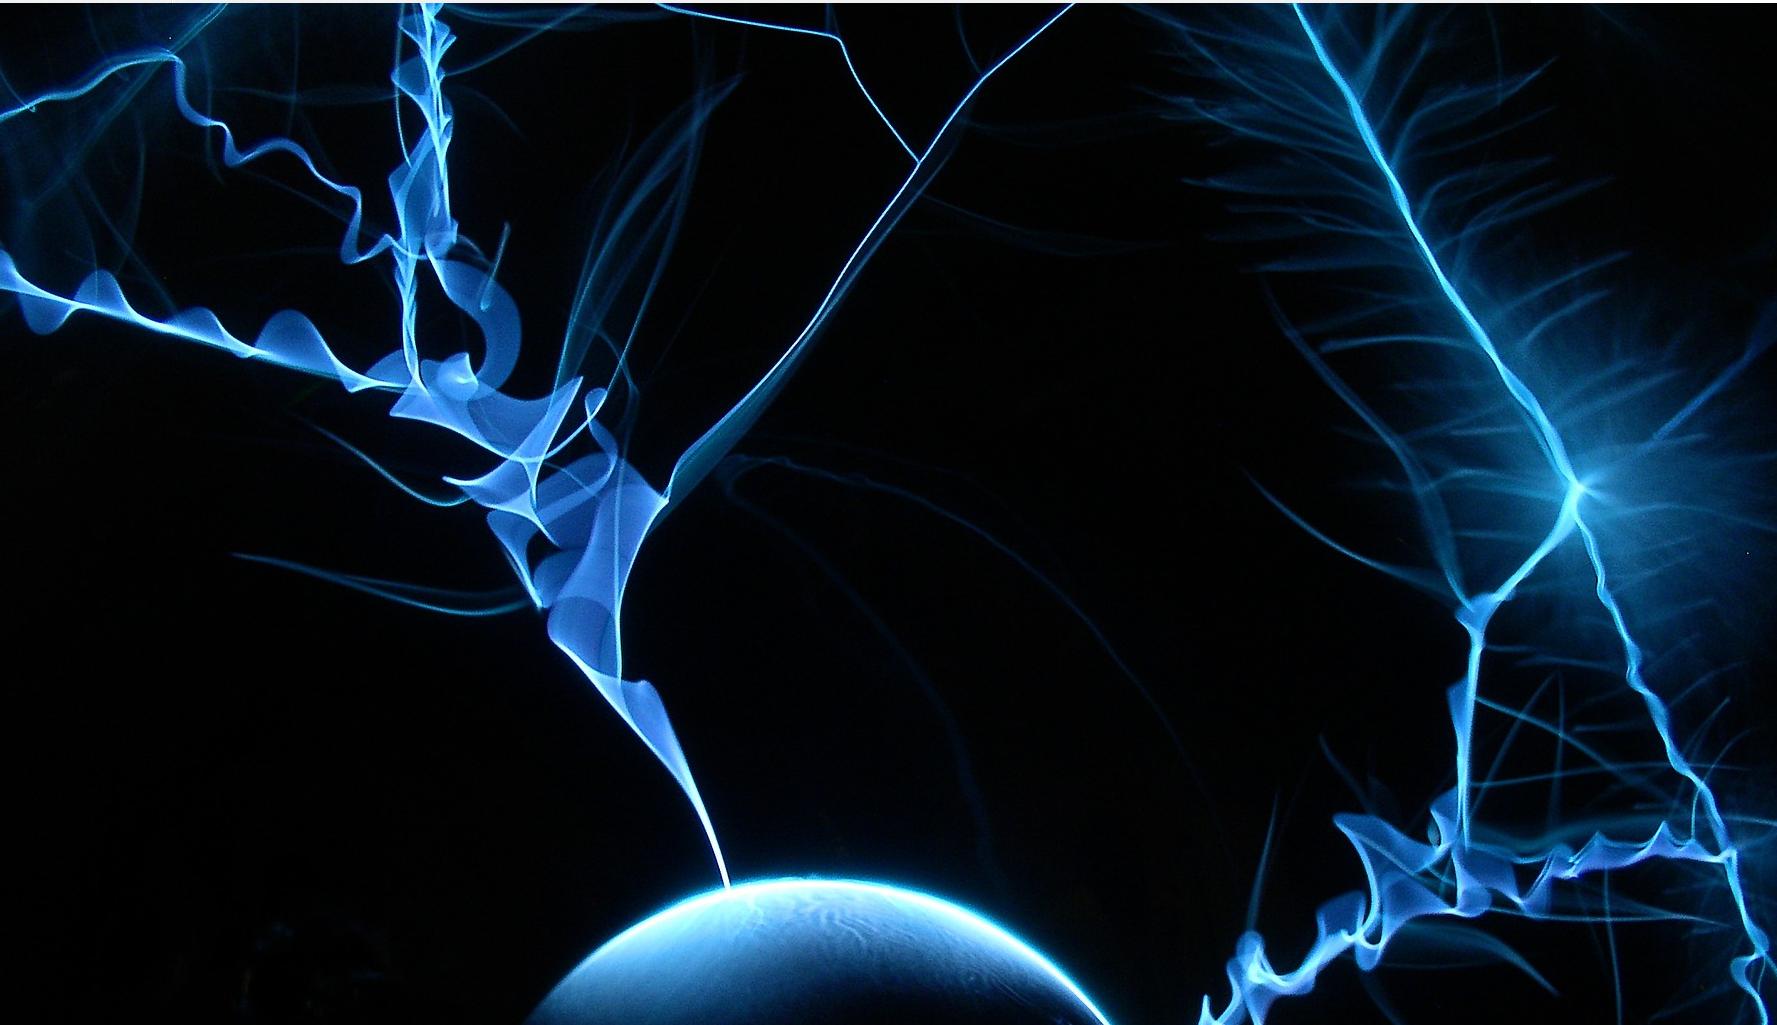 Spannung im elektrischen Feld